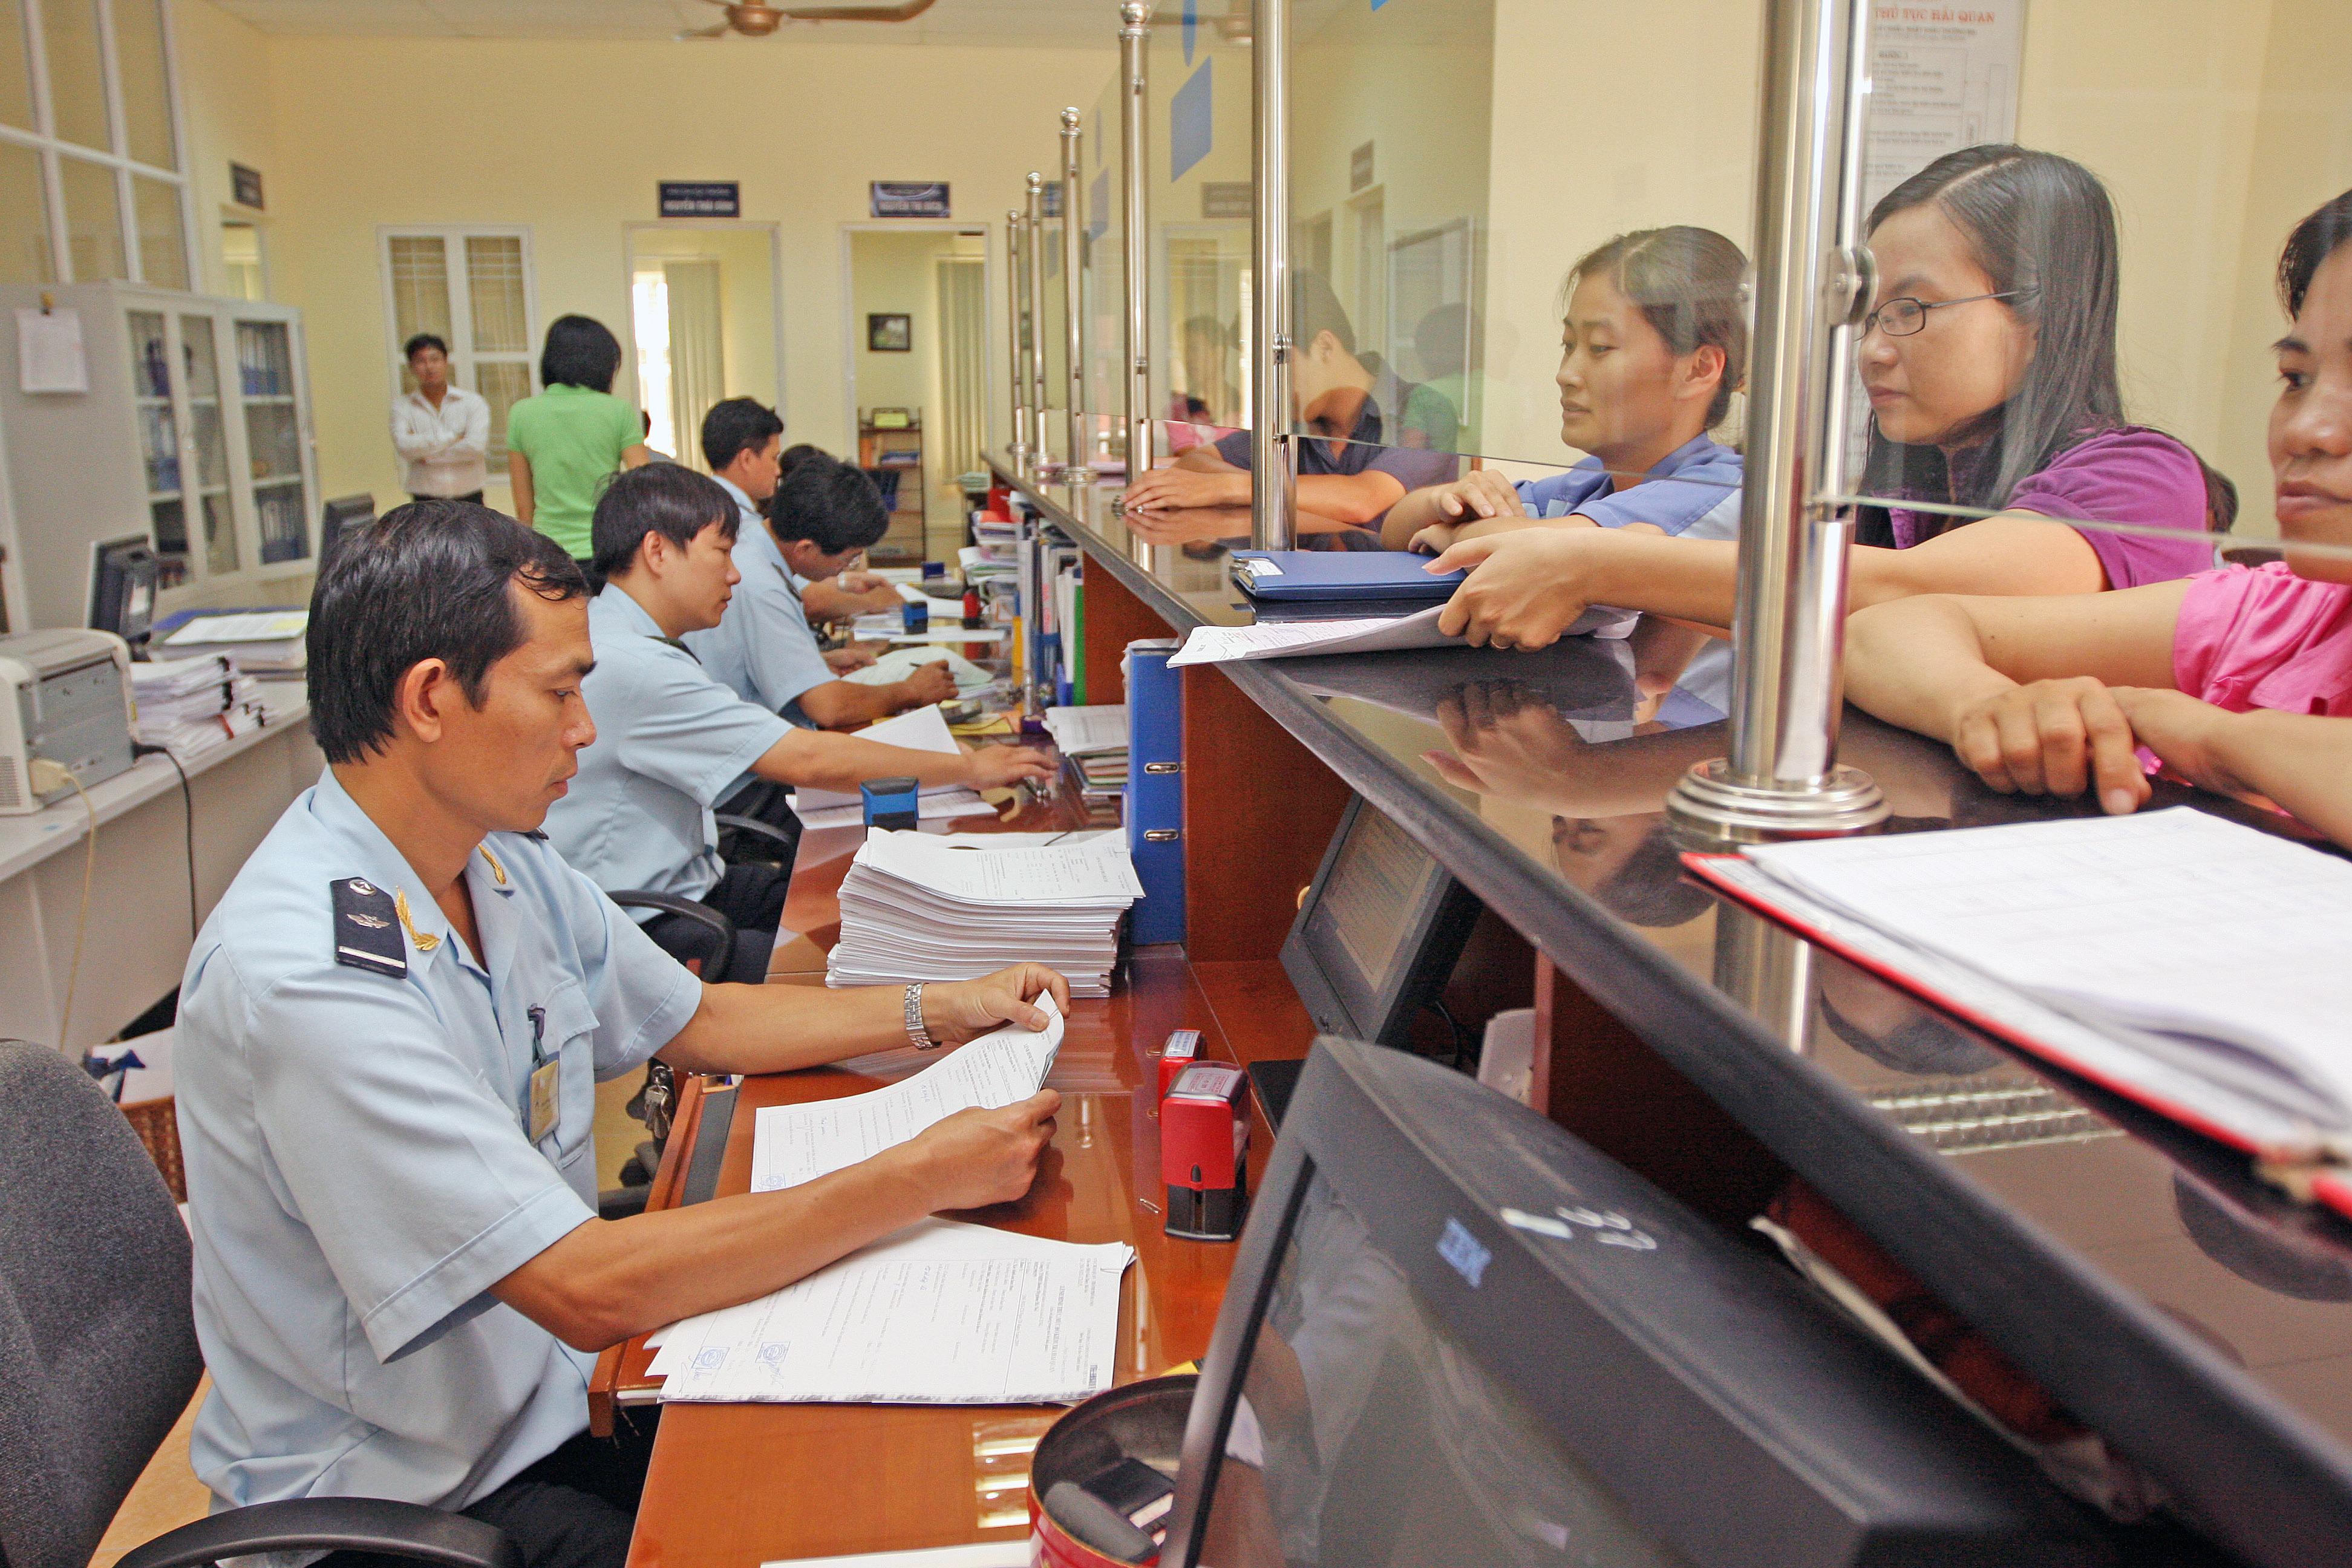 Dịch vụ khai báo hải quan tại Hà Nội